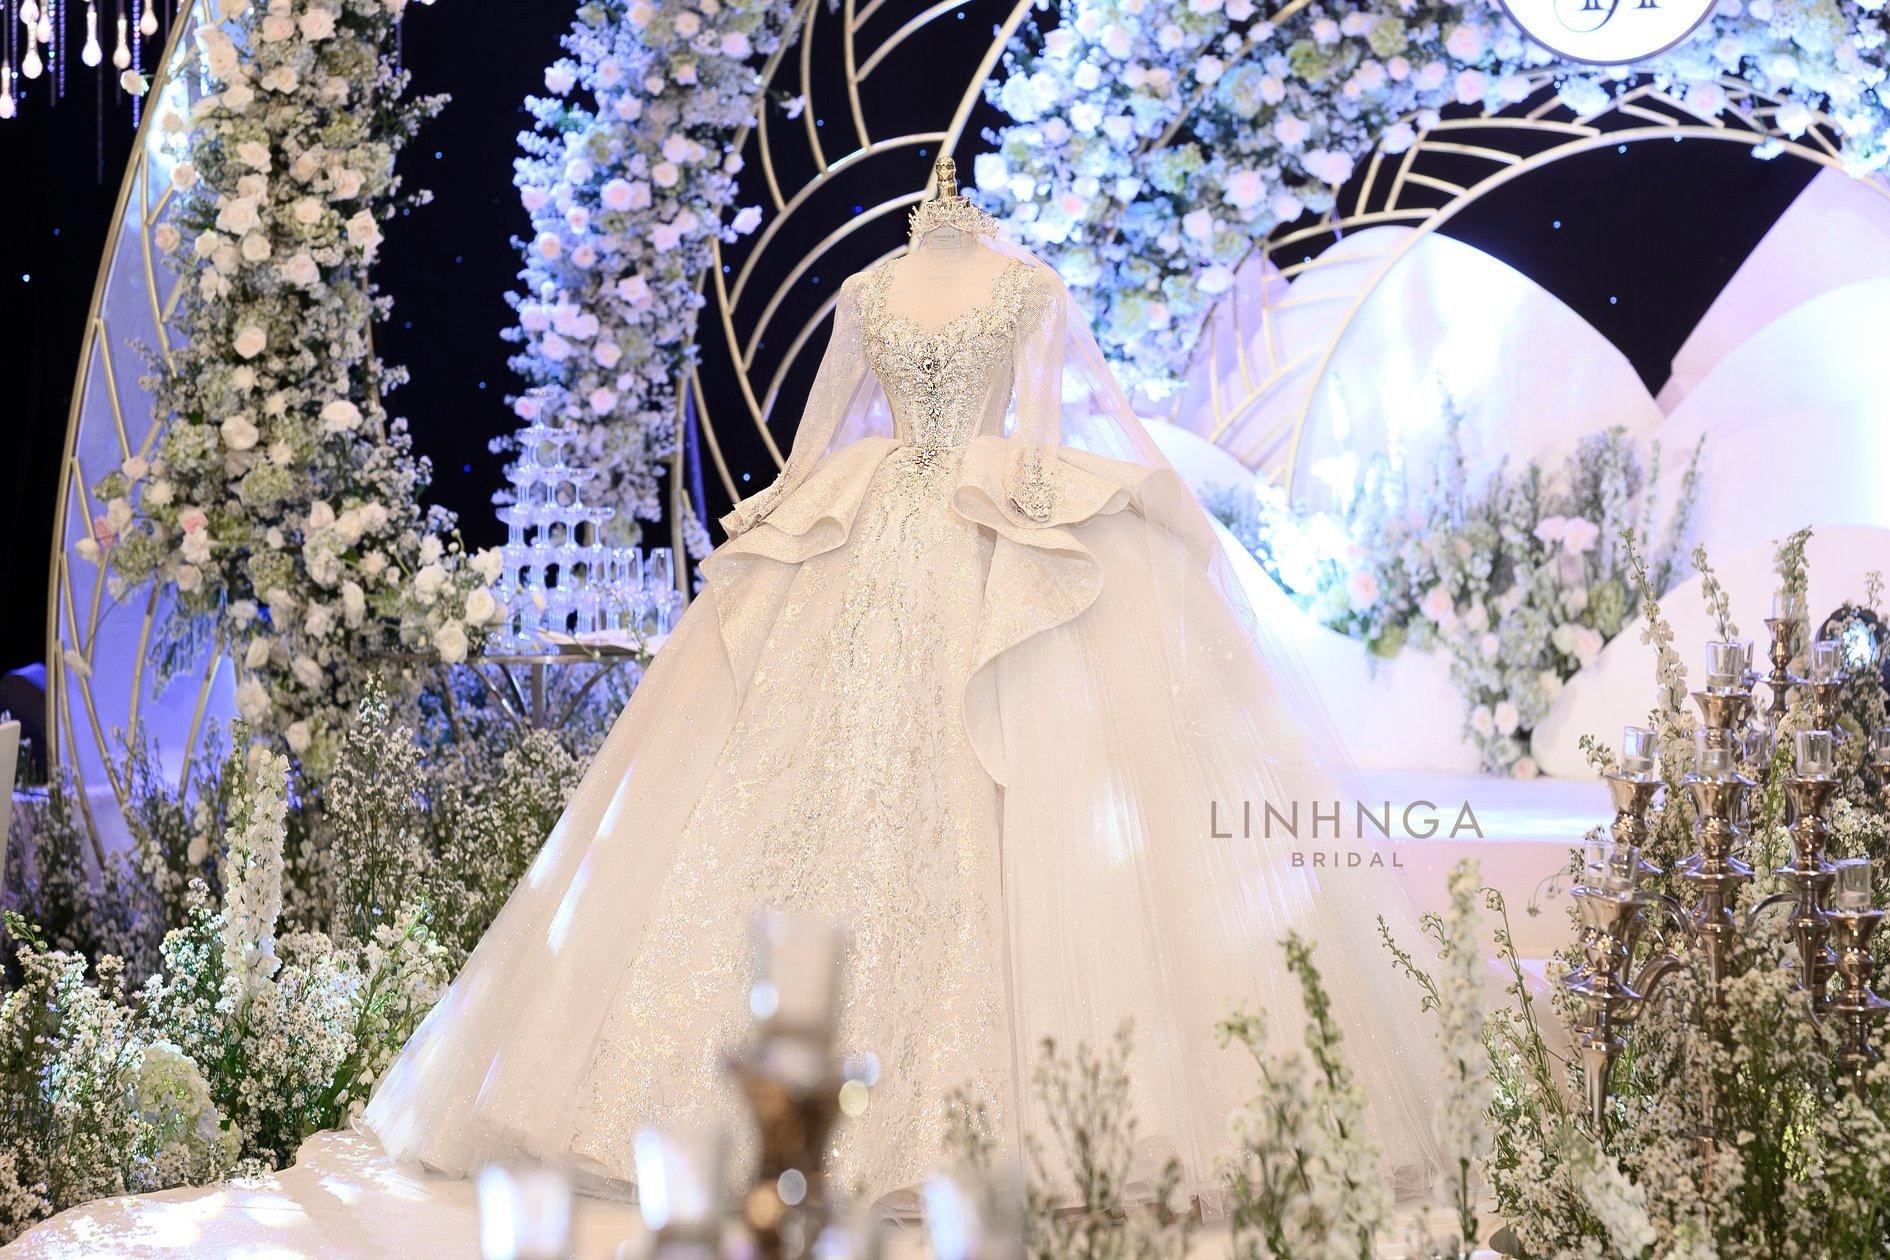 Cận cảnh loạt váy cưới, trong đó có chiếc 28 tỷ đính 6 viên kim cương của Xoài Non - vợ streamer giàu nhất VN - Ảnh 7.